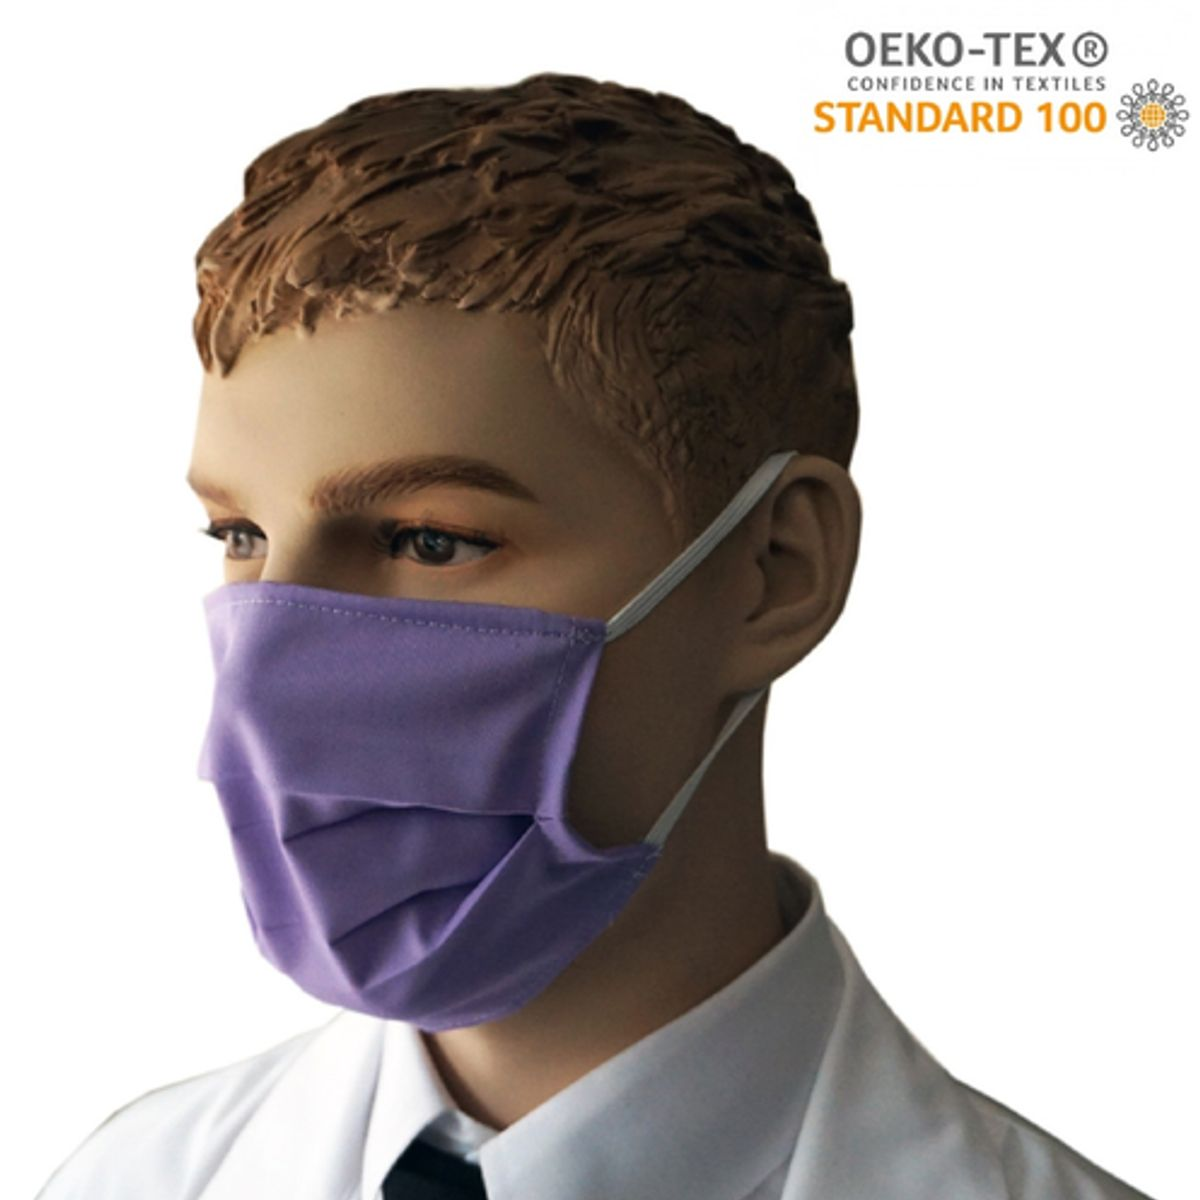 Υφασμάτινη Μάσκα Προστασίας πολλαπλών χρήσεων υποαλλεργική (Μοβ)